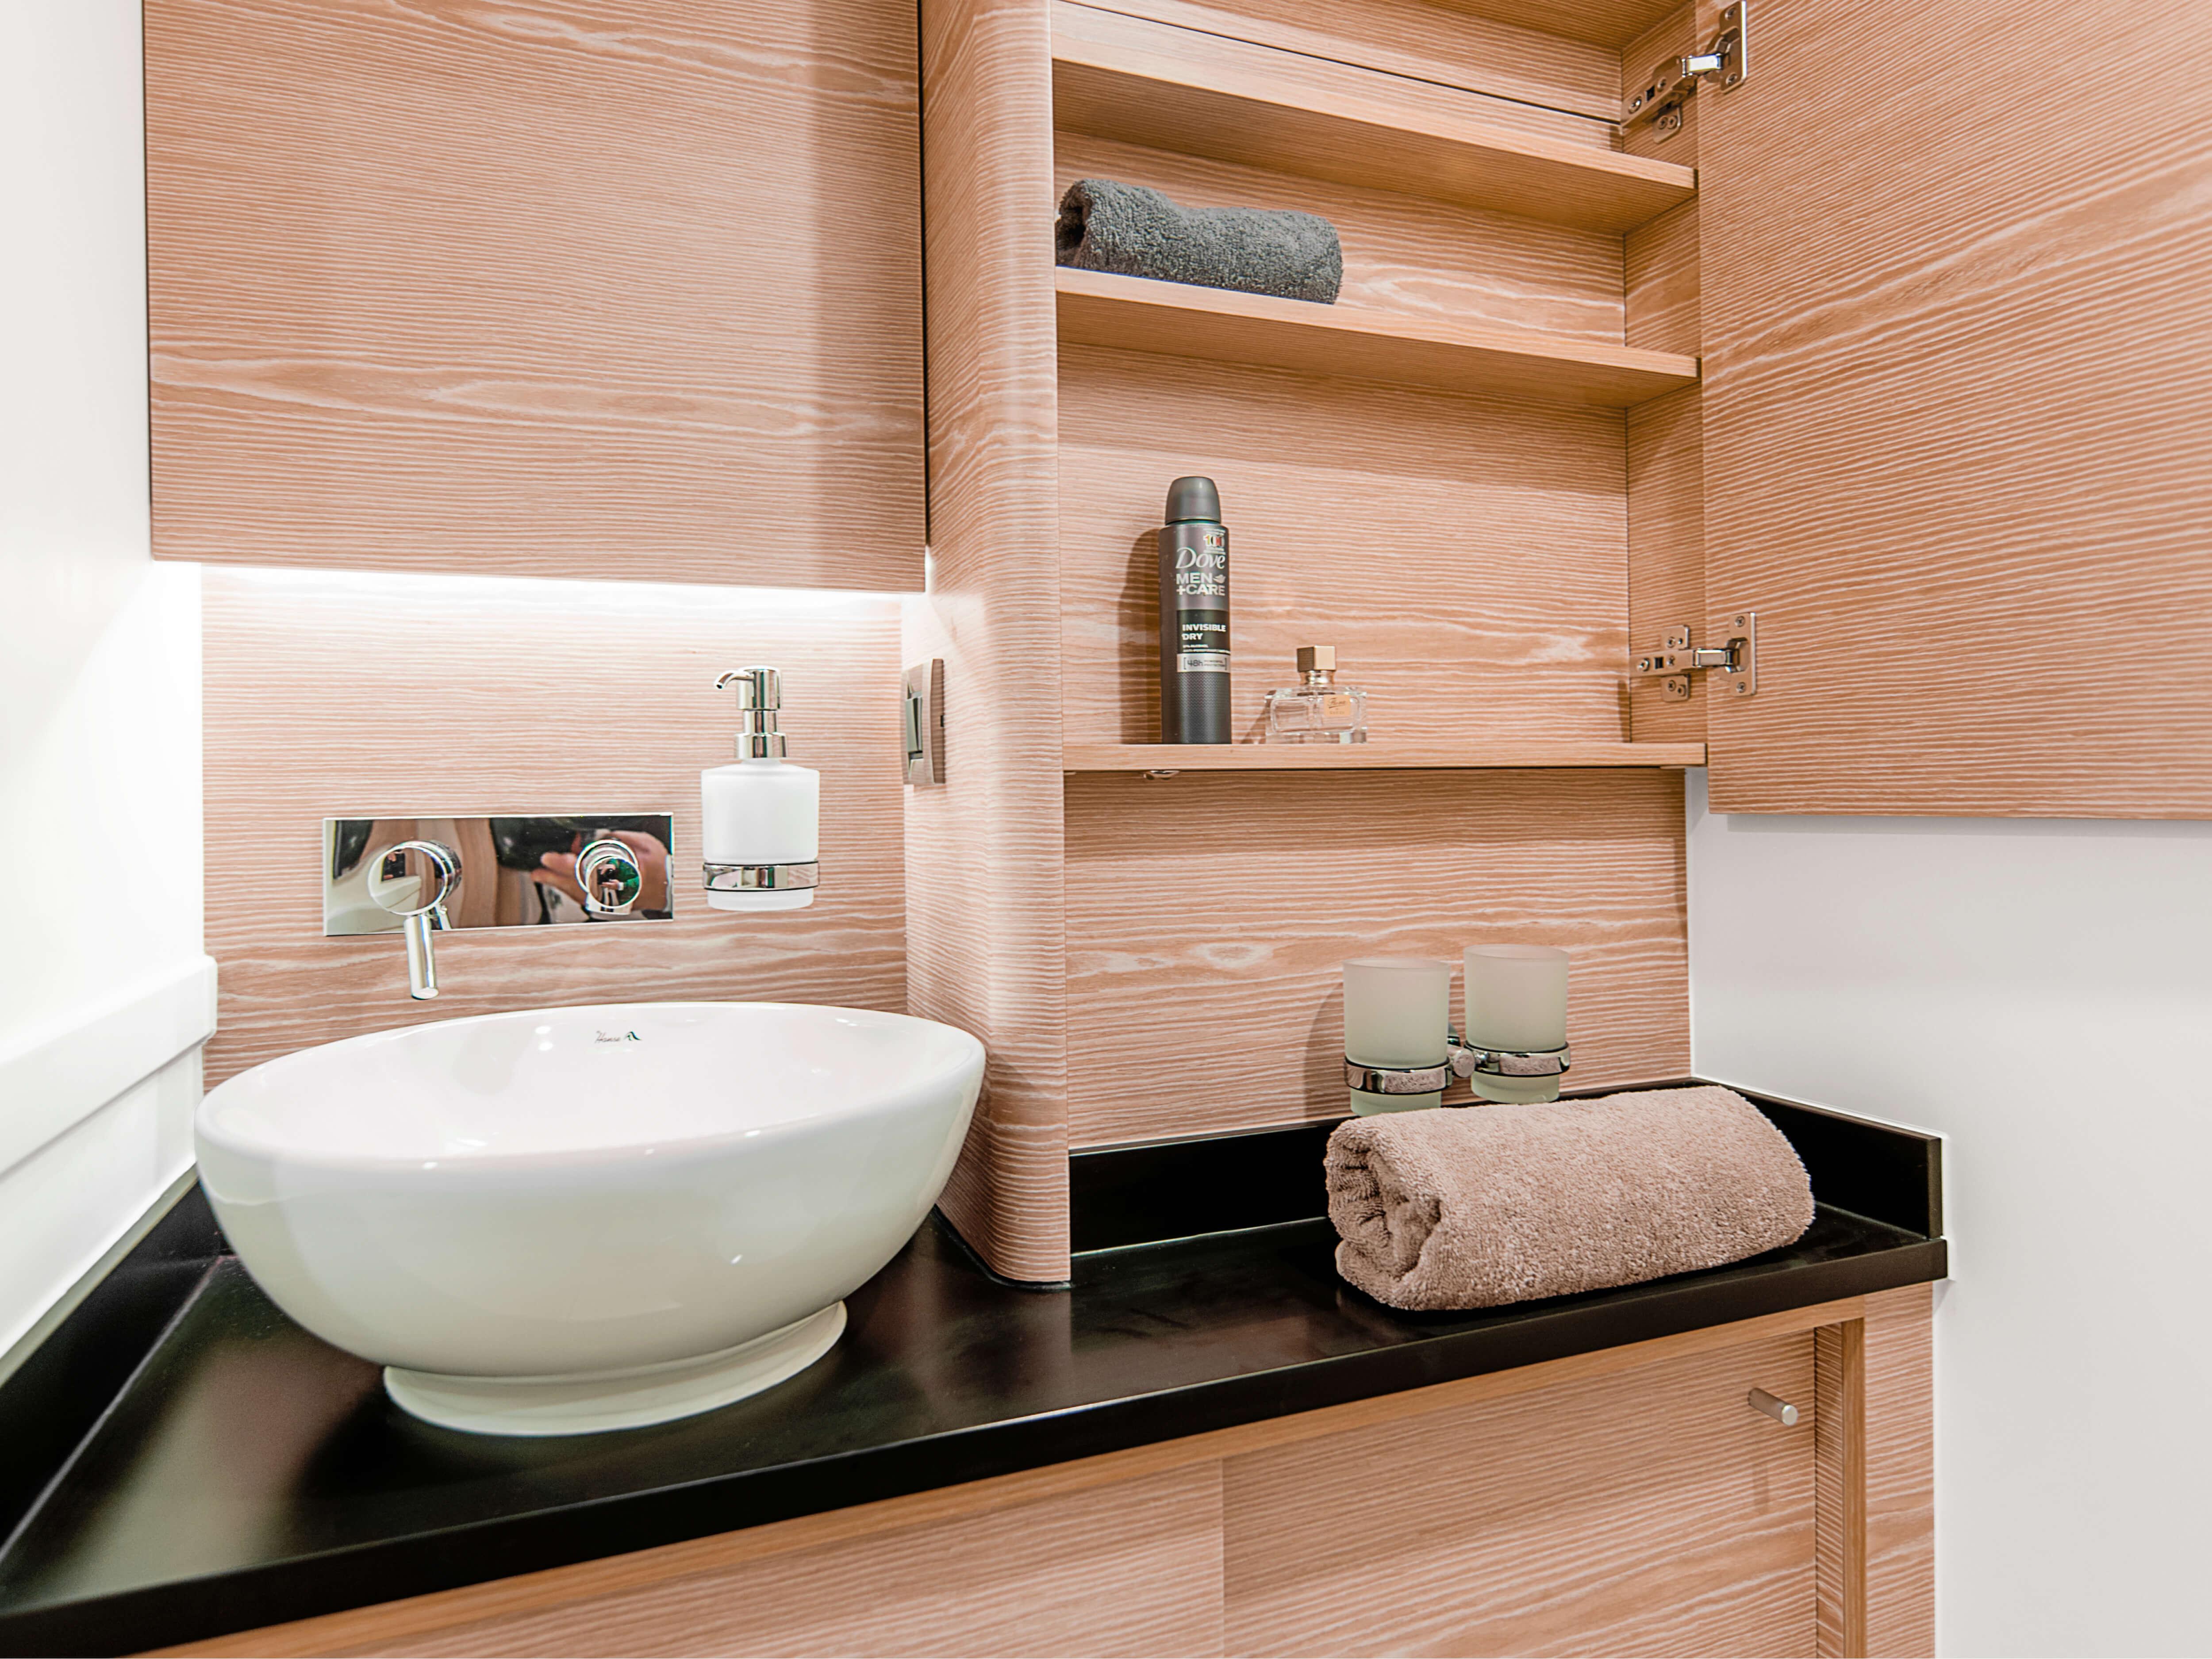 Hanse 588 | sink, storage compartment | Hanse